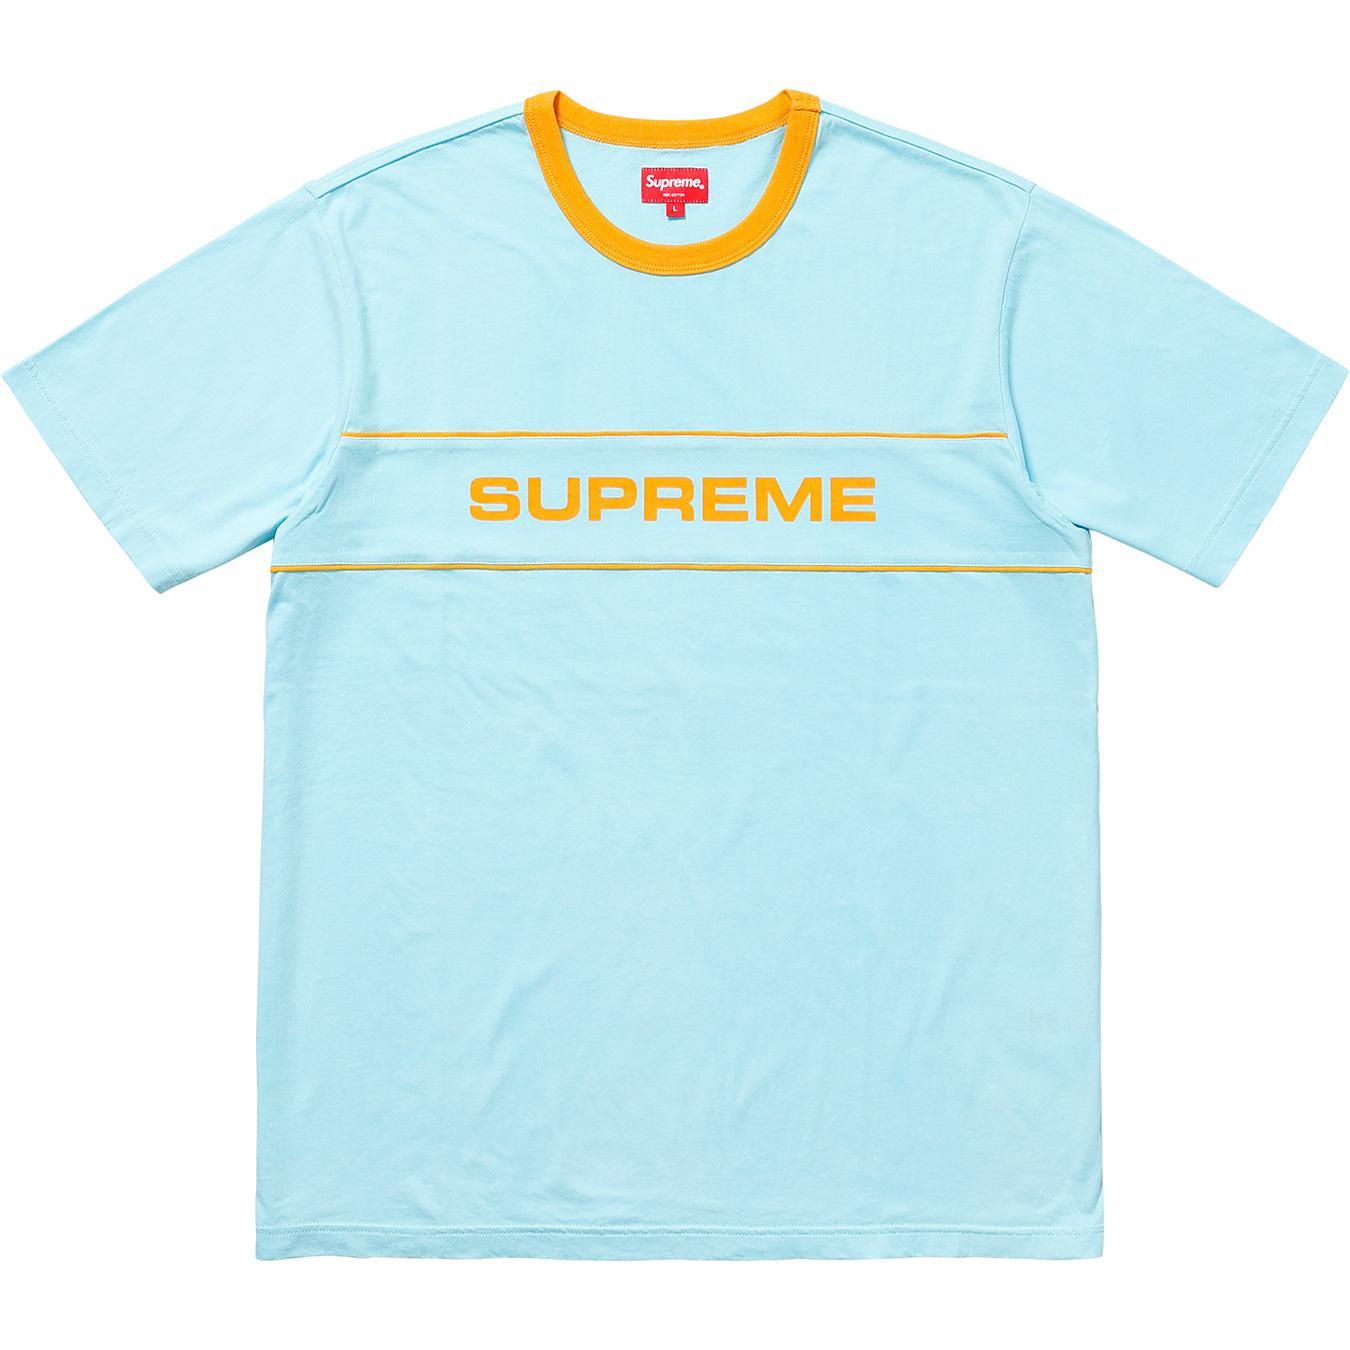 c82d3827a73d Supreme - Team Ringer Tee Light Blue for Men - Lyst. View fullscreen